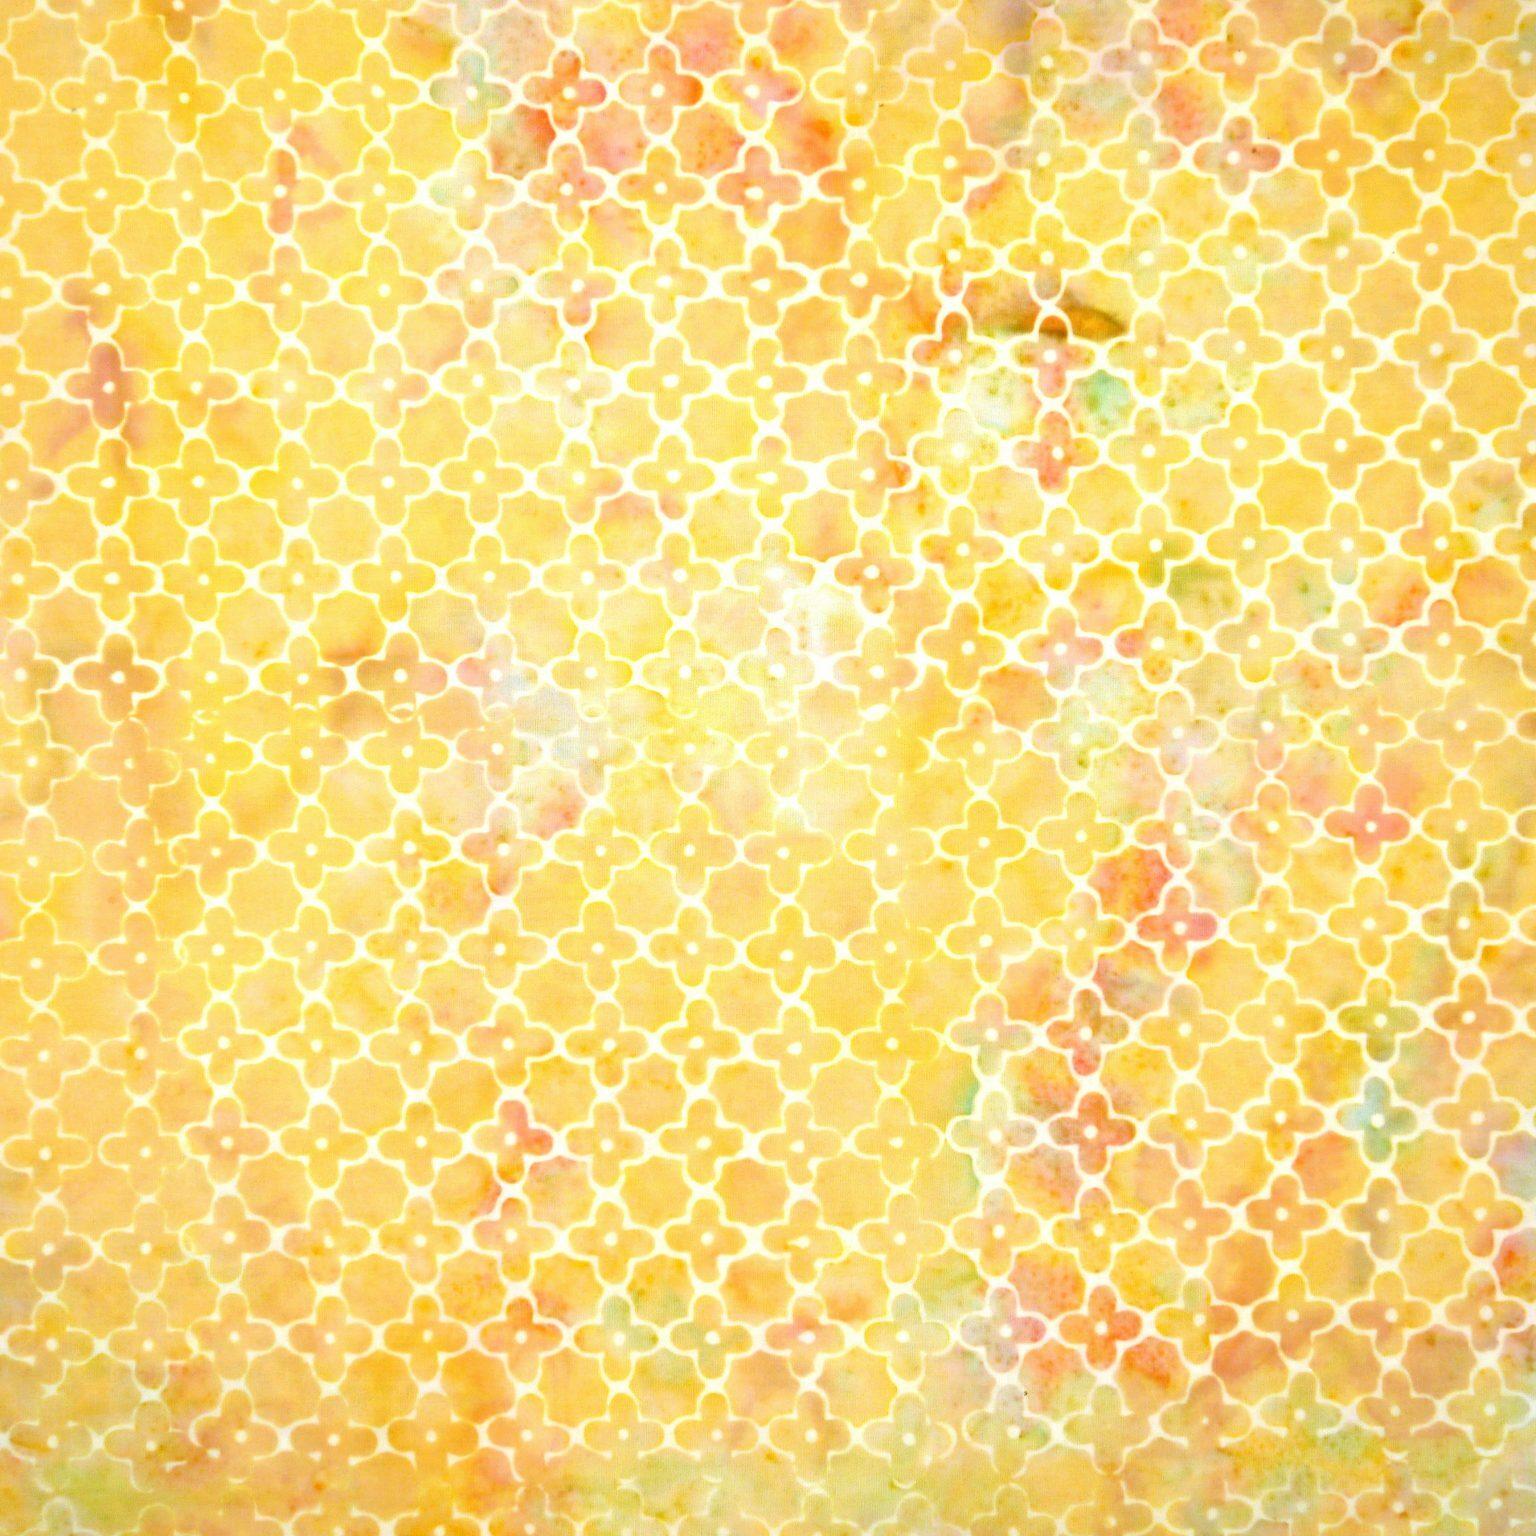 Salmonberry - Be Bliss - Batik - 1/2m cut 56237